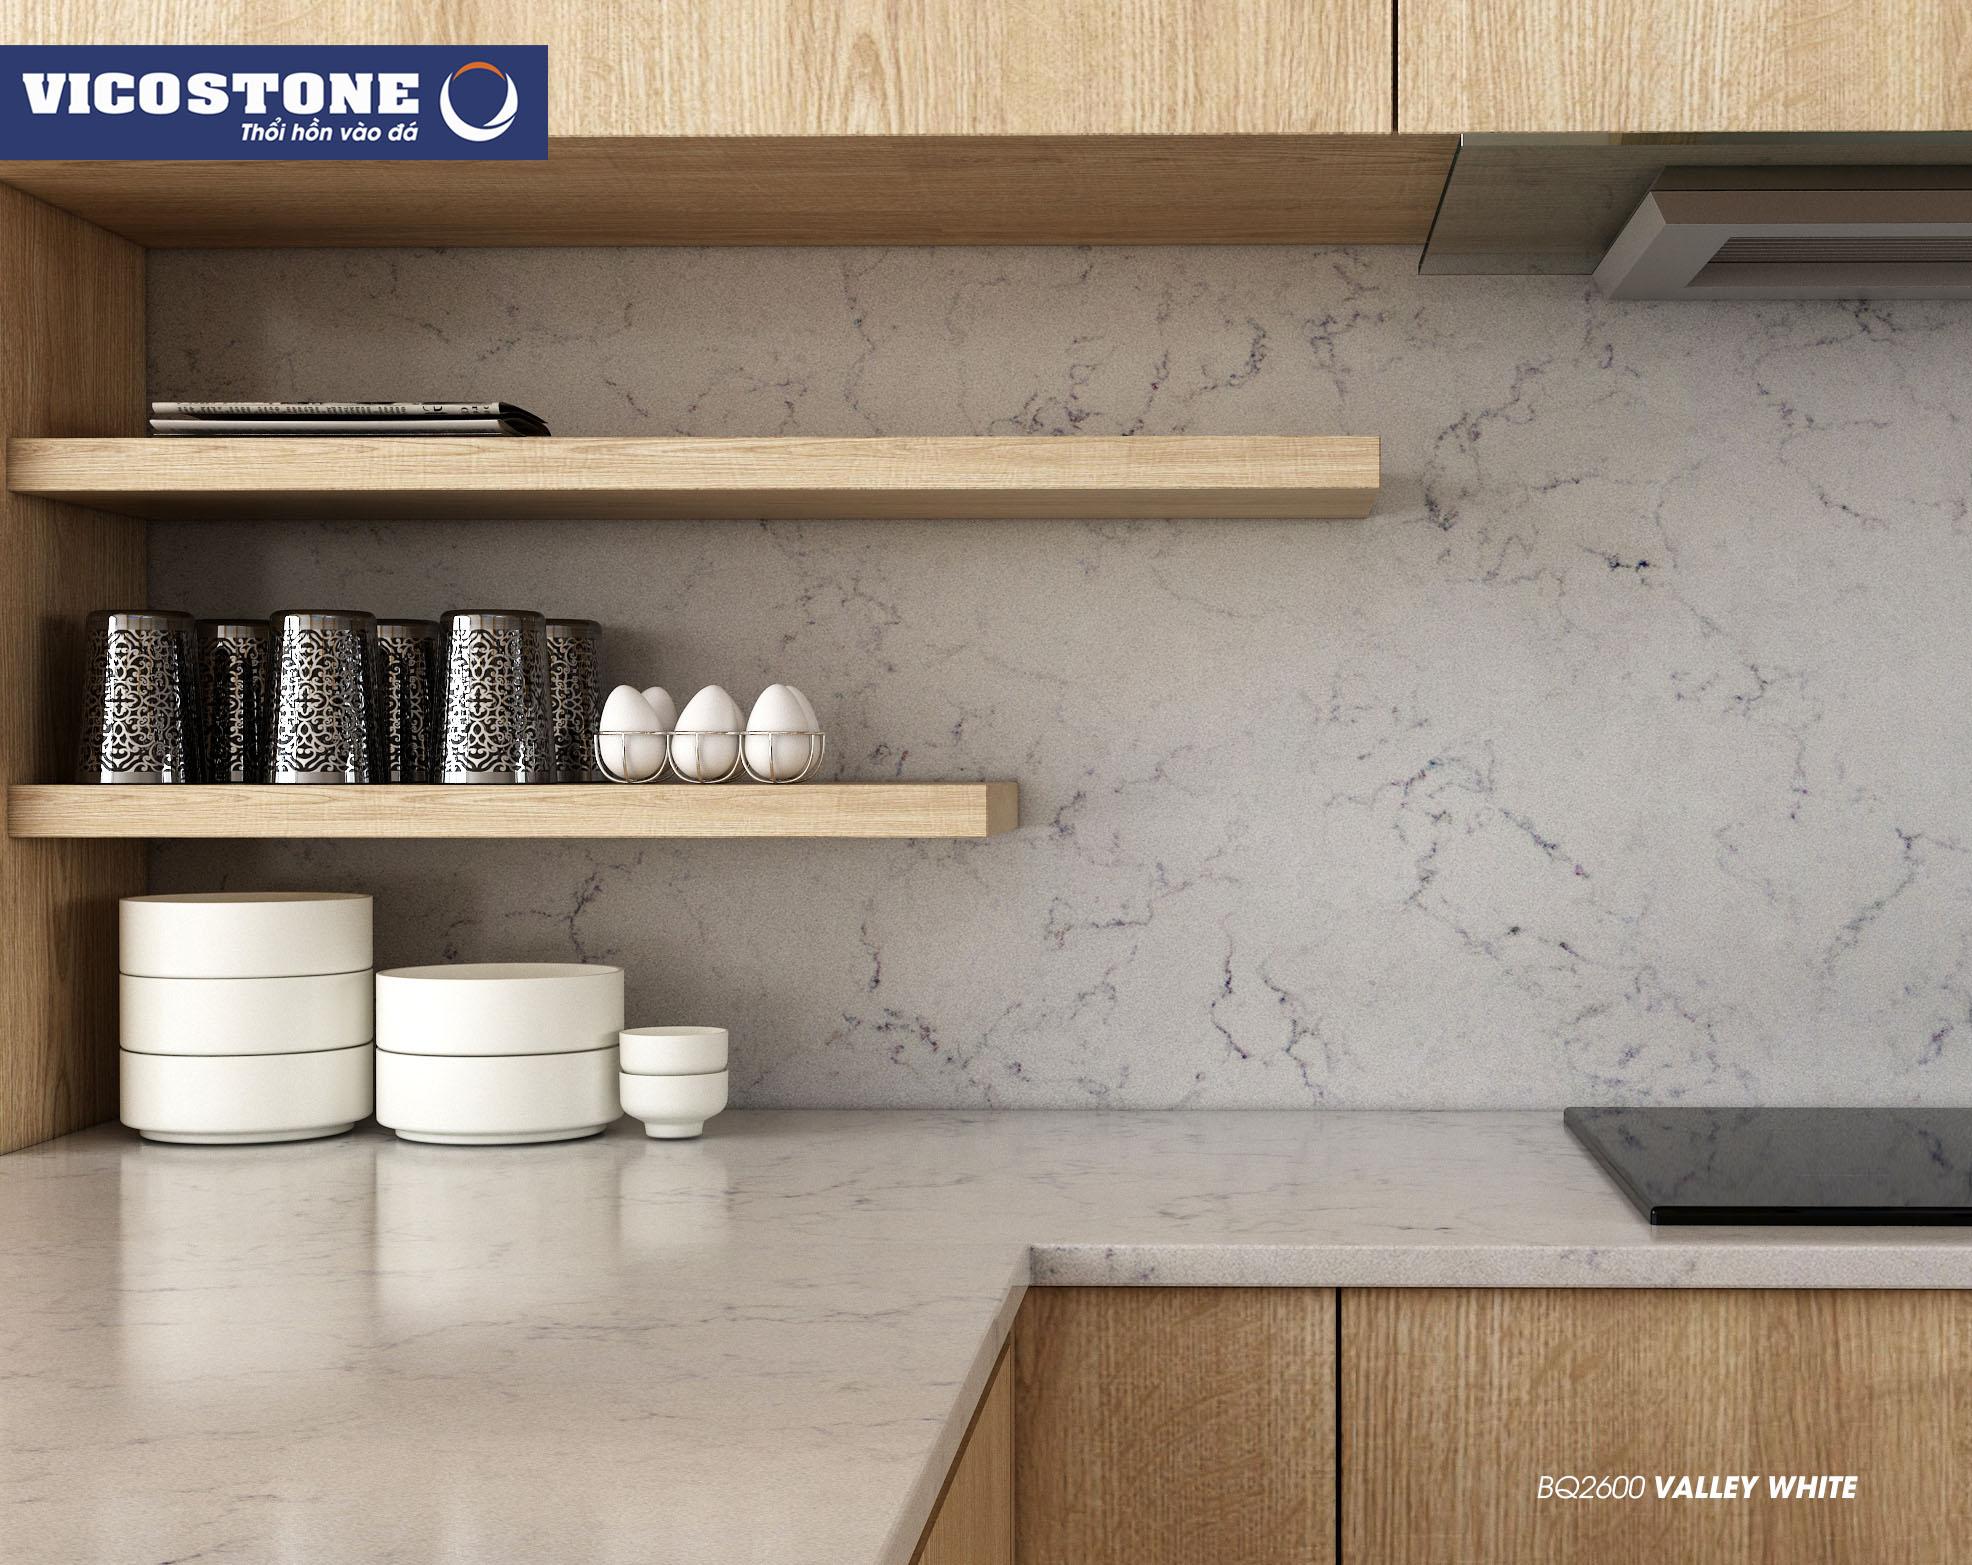 Mẫu đá bàn bếp VICOSTONE Valley White BQ2600